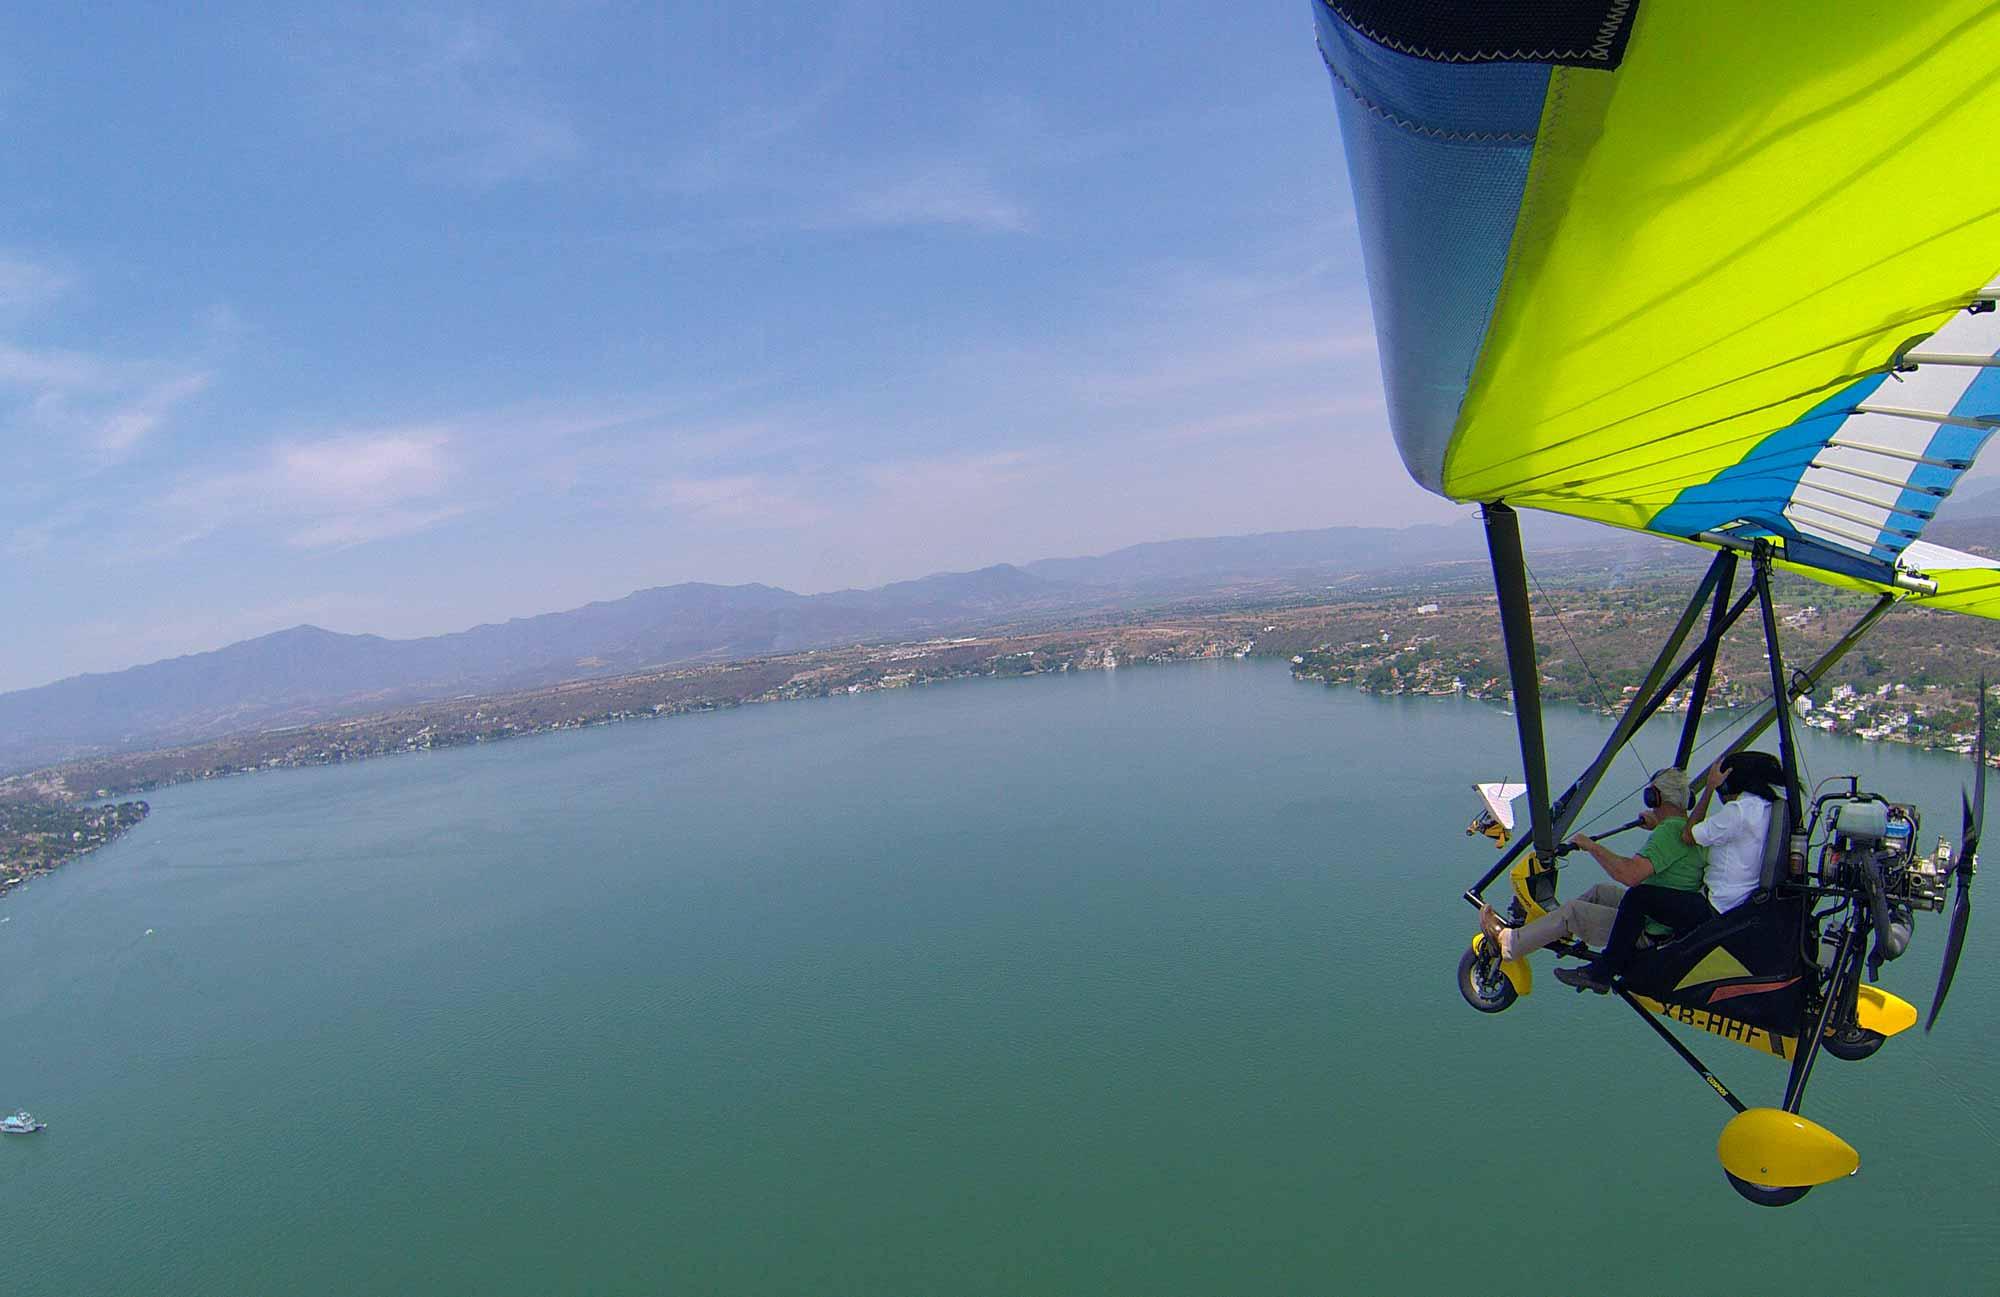 Personas viajando en ultraligero en el lago de Tequisquiapan